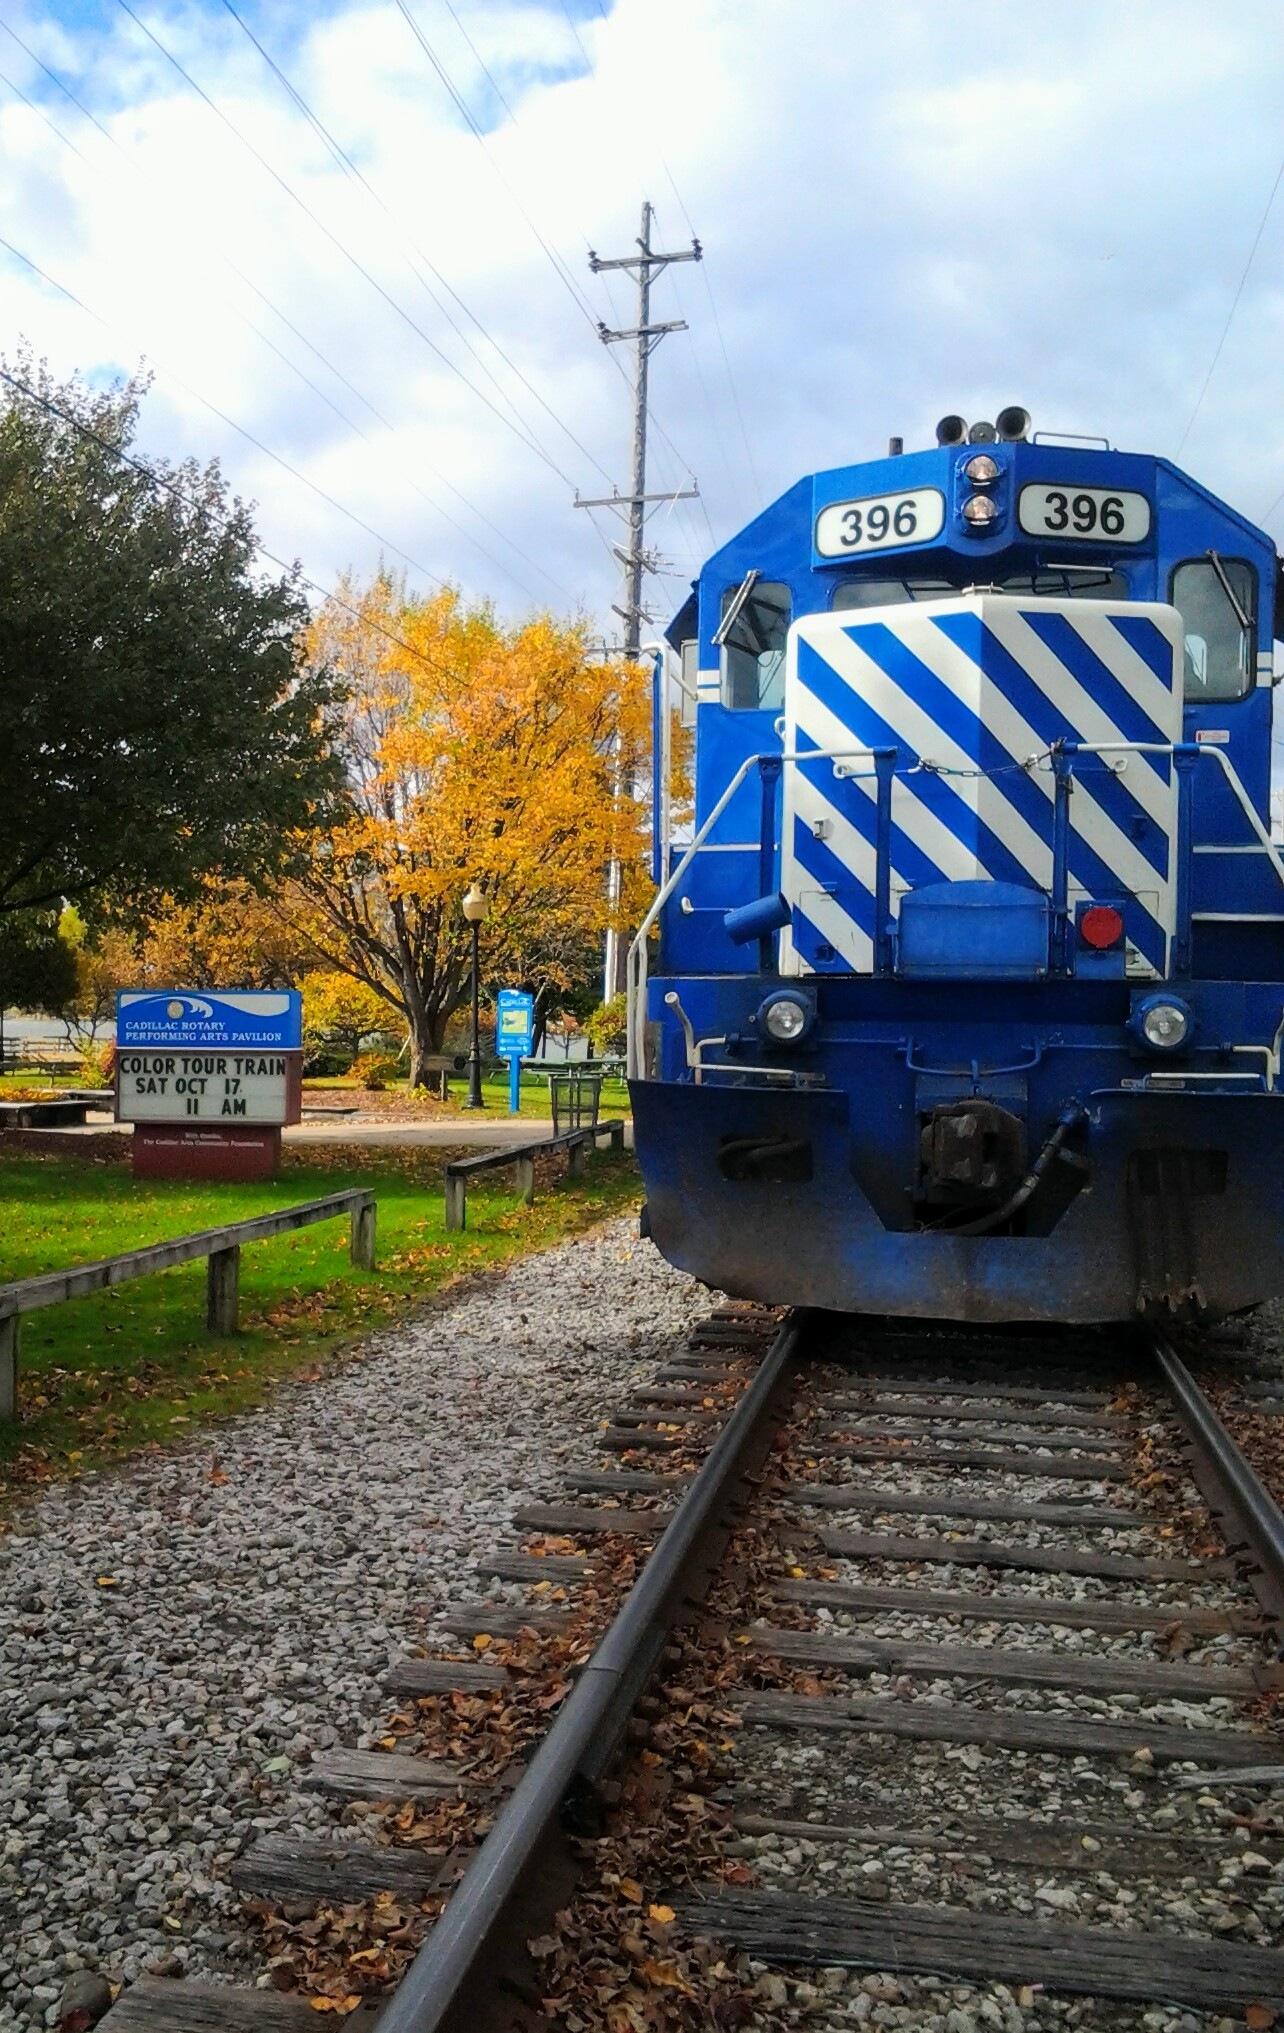 Train Autumn Color Tour by Tammy Dyer